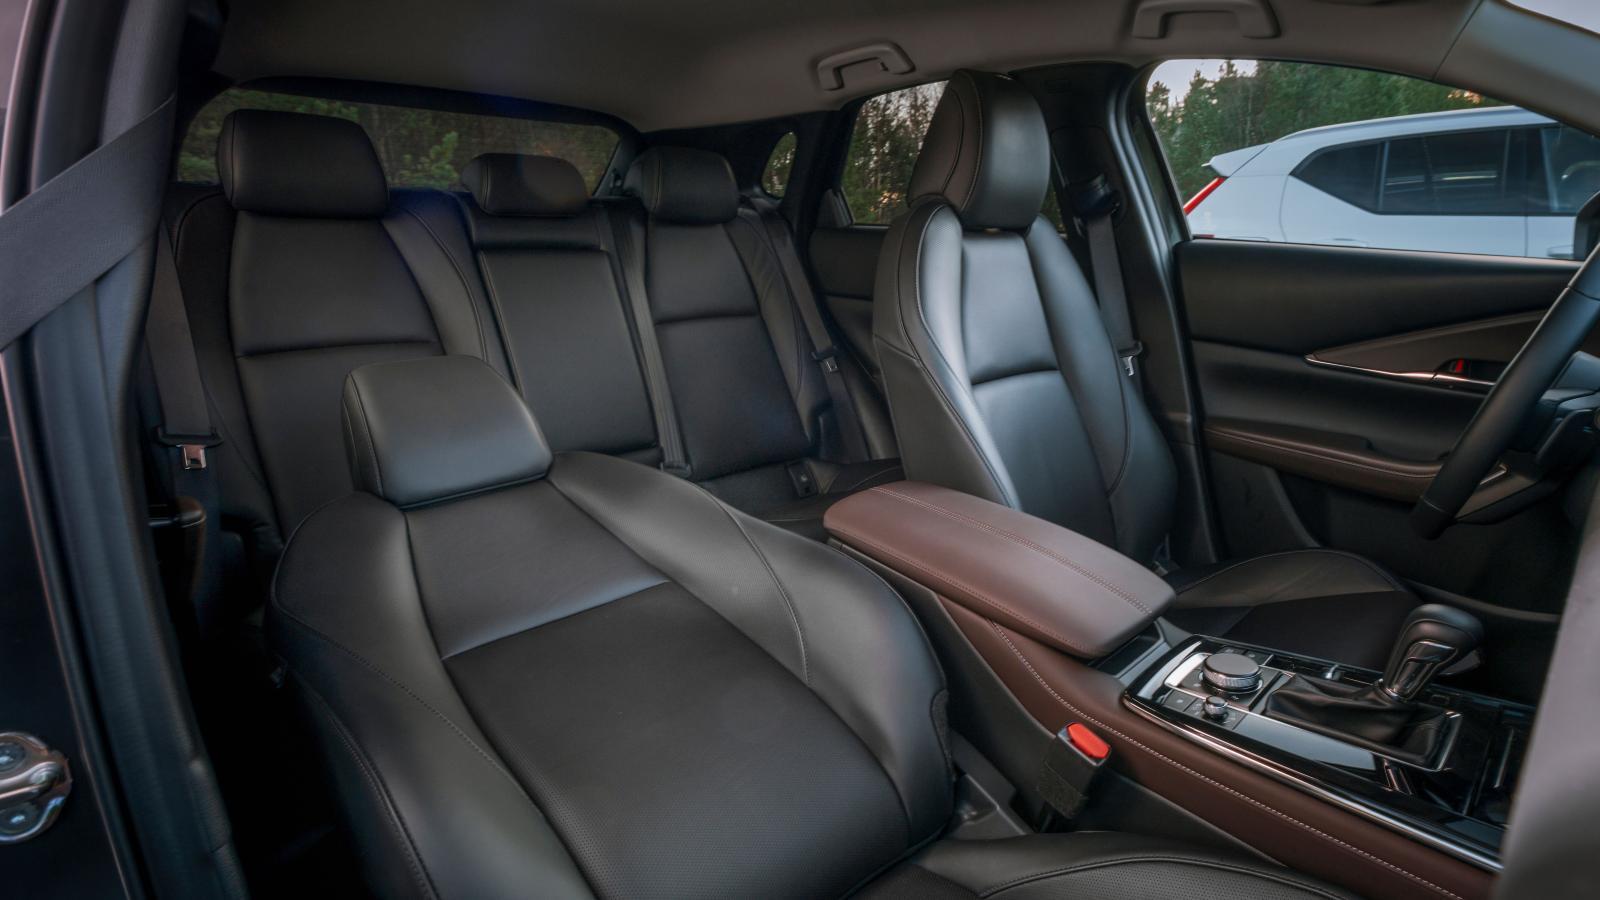 Mazdas kupé känns ombonad och rätt mysig, i alla fall för dem där framme. Utrymmena överlag är inte lika bra som i Skoda och Volvo, men baksätet är skönast att sitta i av de tre. Välgjord läderklädsel är standard i Cosmoversionen.